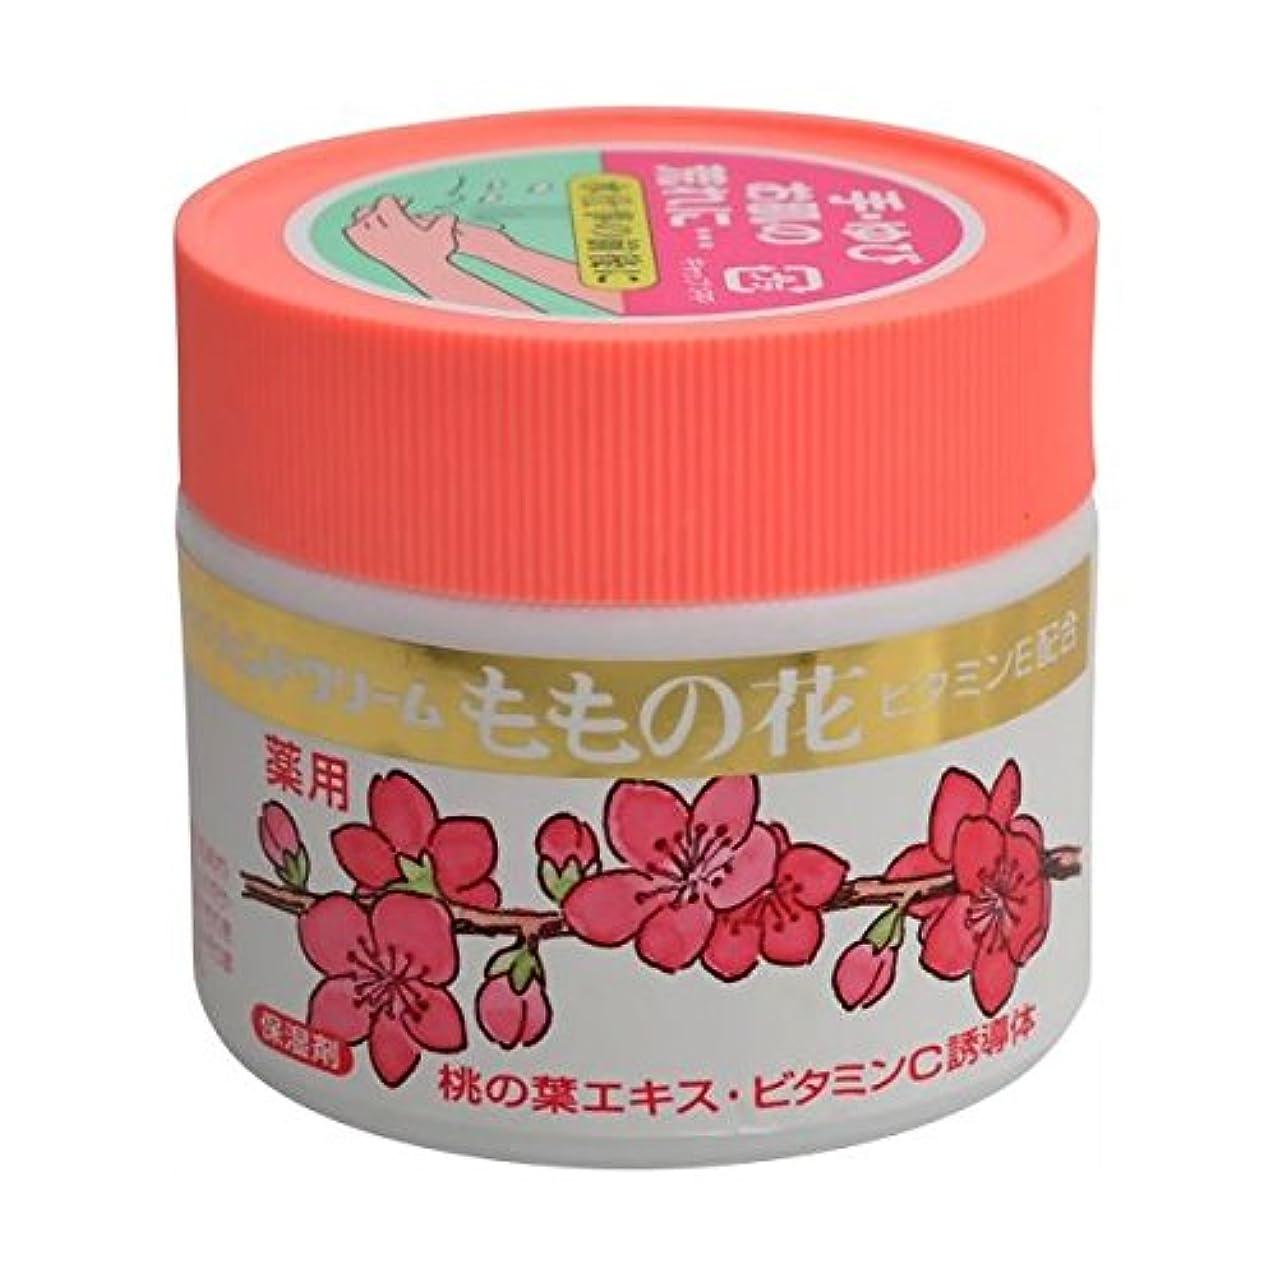 政治家サンダル芽【オリヂナル】ももの花薬用ハンドクリーム(医薬部外品) 70g ×3個セット